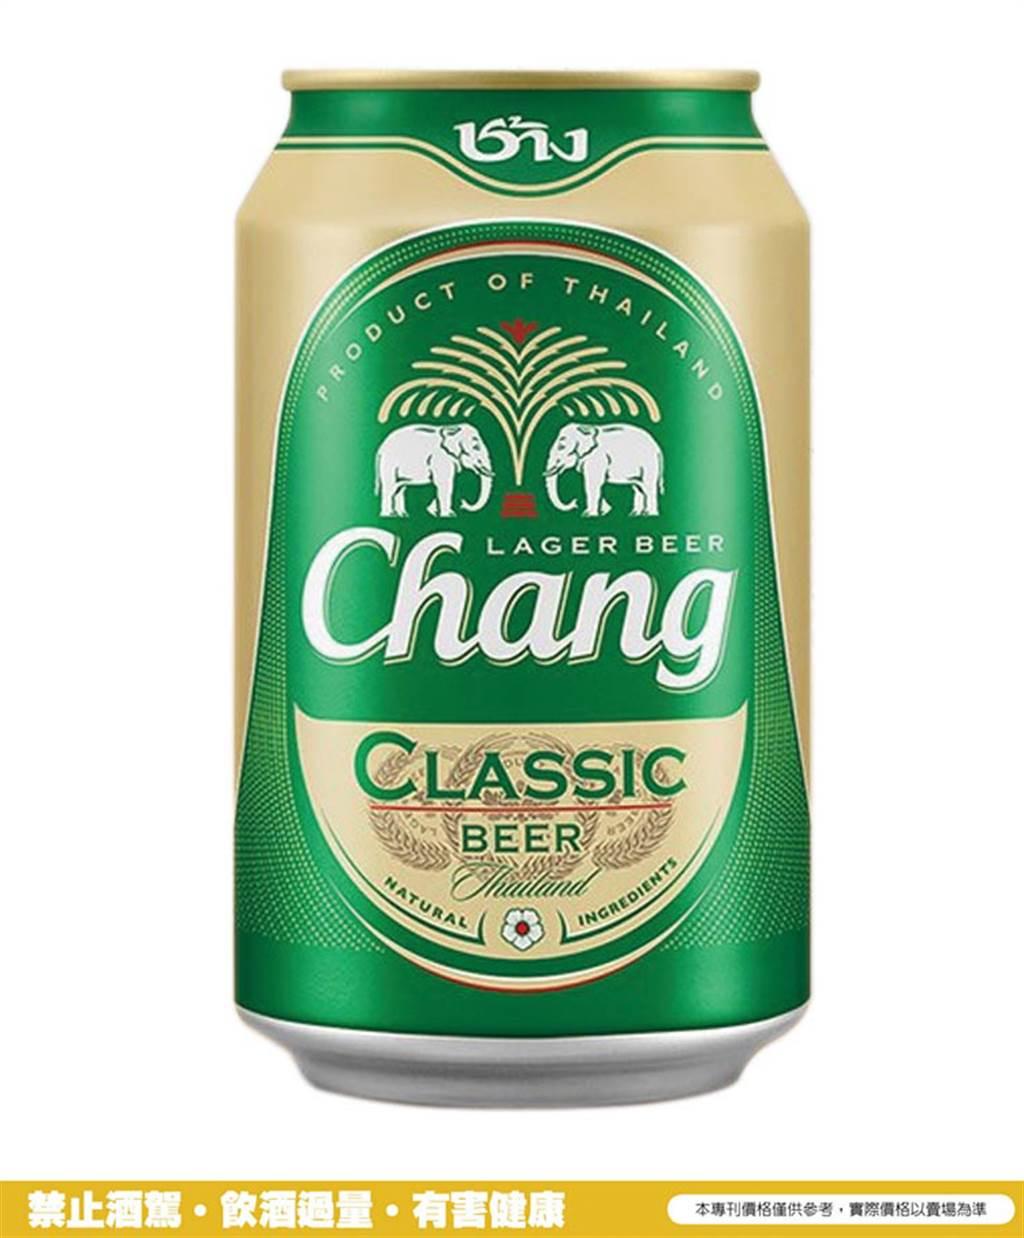 在泰國炙熱天氣與享受自然美景當下,最適合搭配美食的泰象啤酒(Chang Beer)(左圖/業者提供)